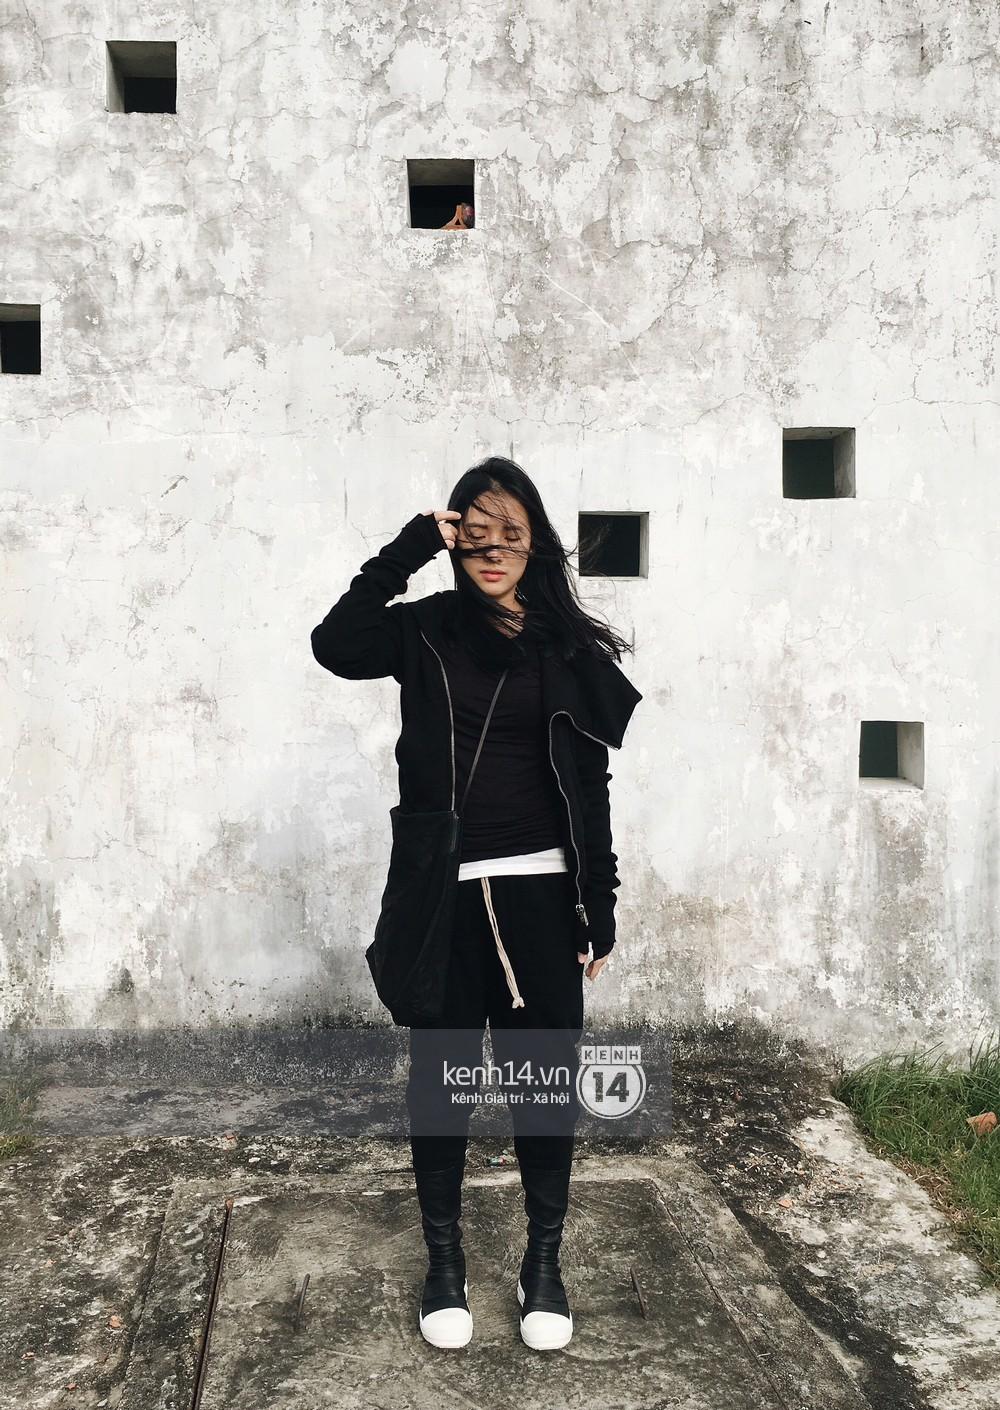 Gặp gỡ Trần Ngọc Hạnh Nhân - Nữ HypeBeast duy nhất của thế hệ 8x Việt - Ảnh 5.